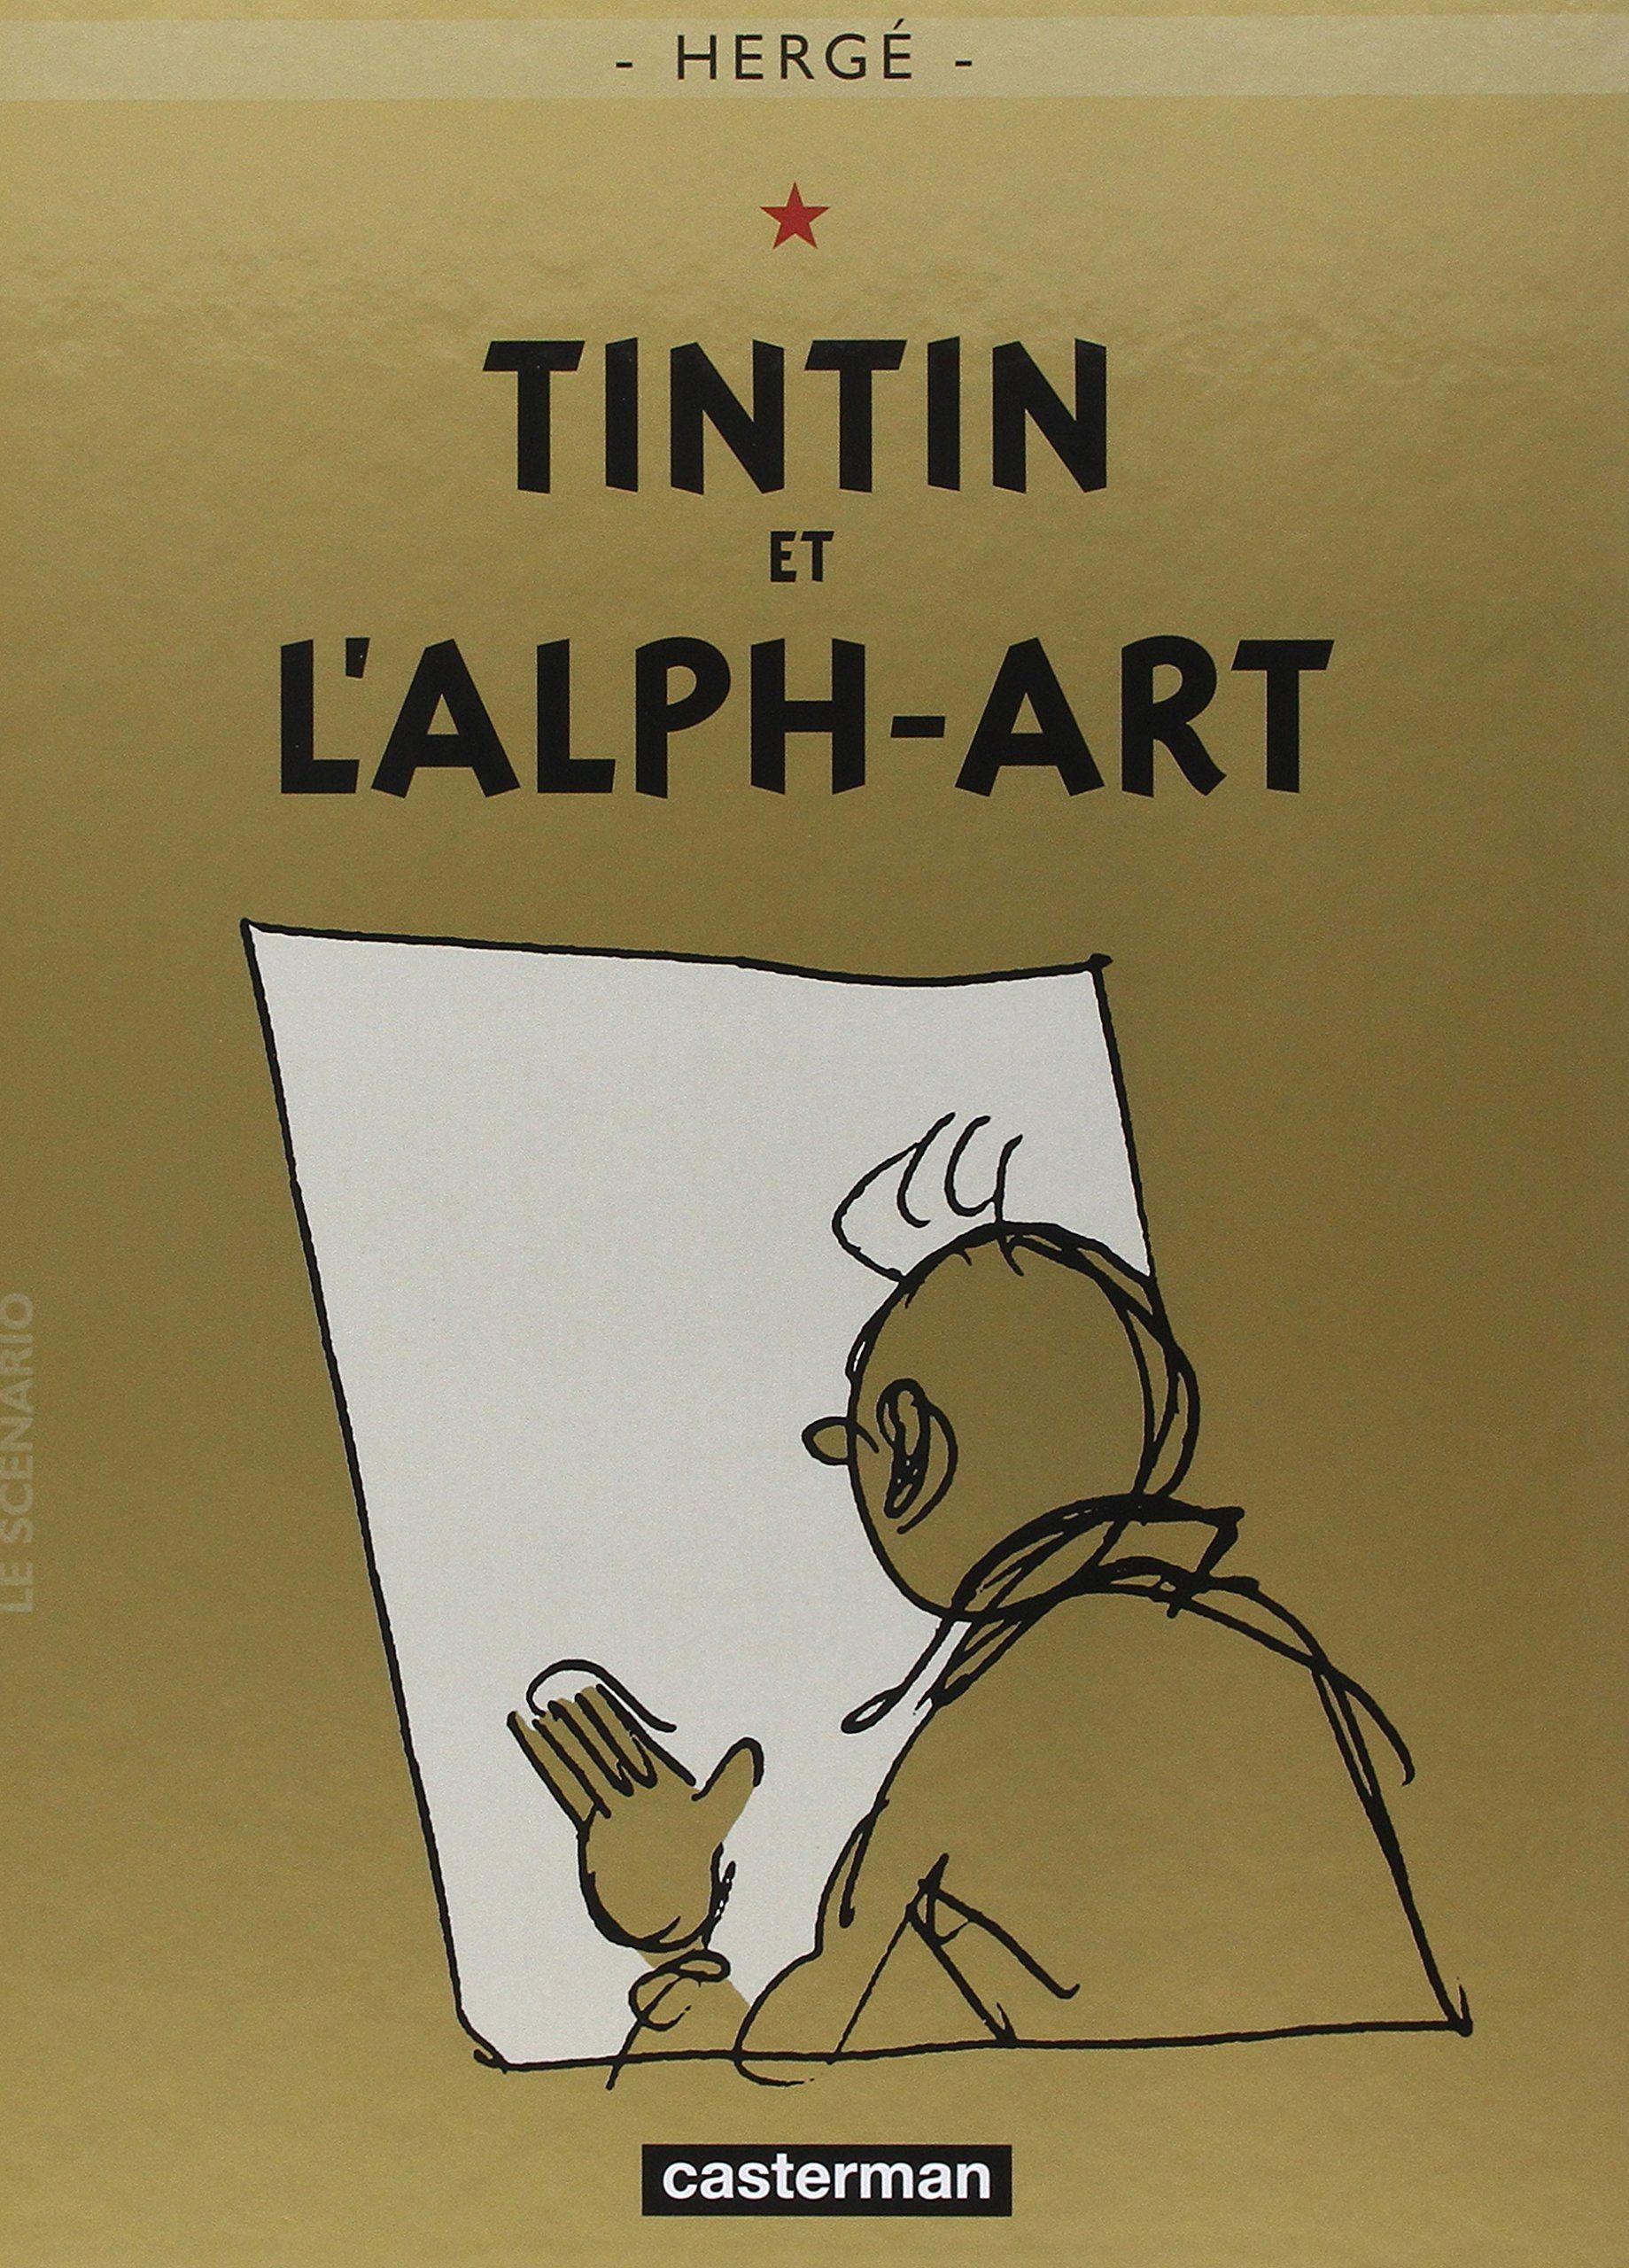 Souvent Tintin et l'Alph-art - Les Aventures de Tintin, tome 24 - Hergé HS52